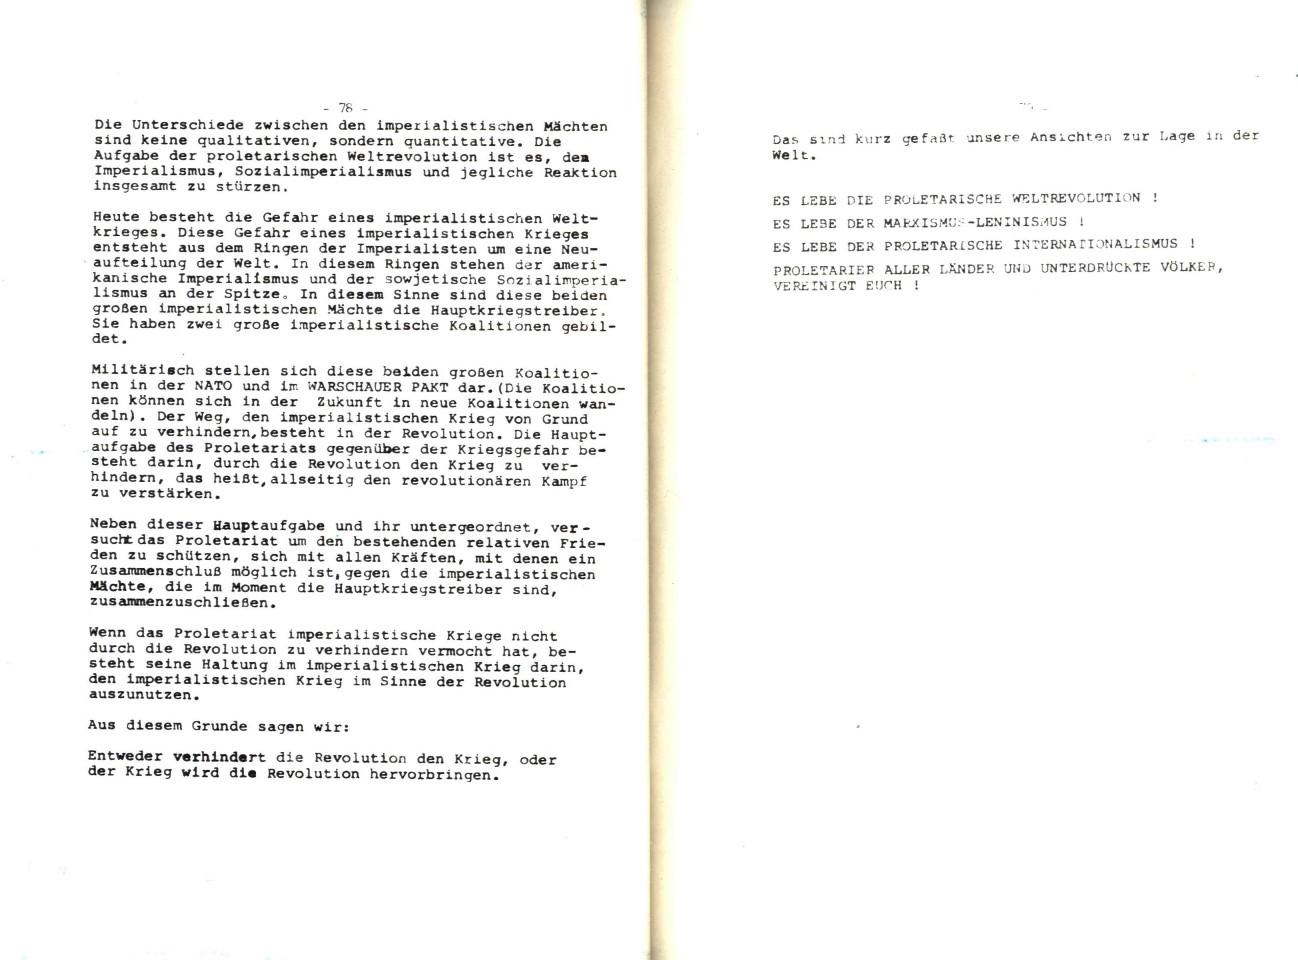 MLSK_Theorie_und_Praxis_des_ML_1978_21_48